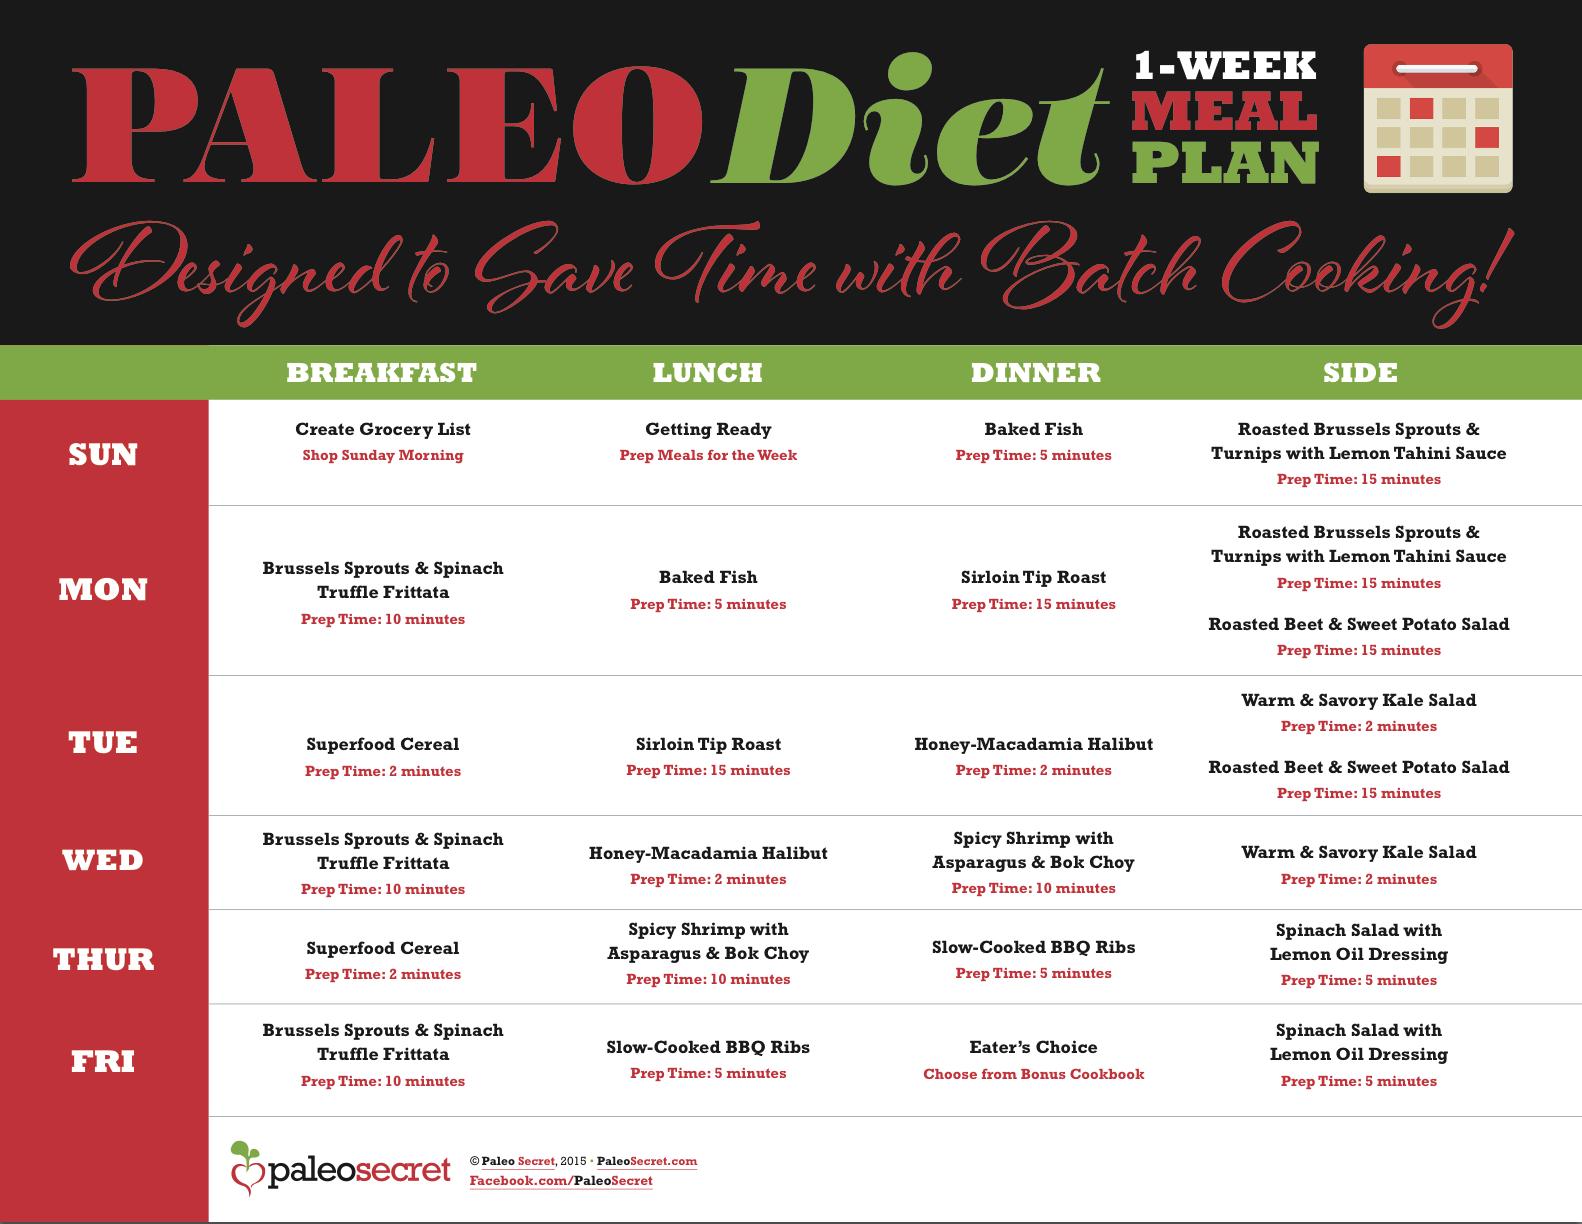 Free paleo recipes